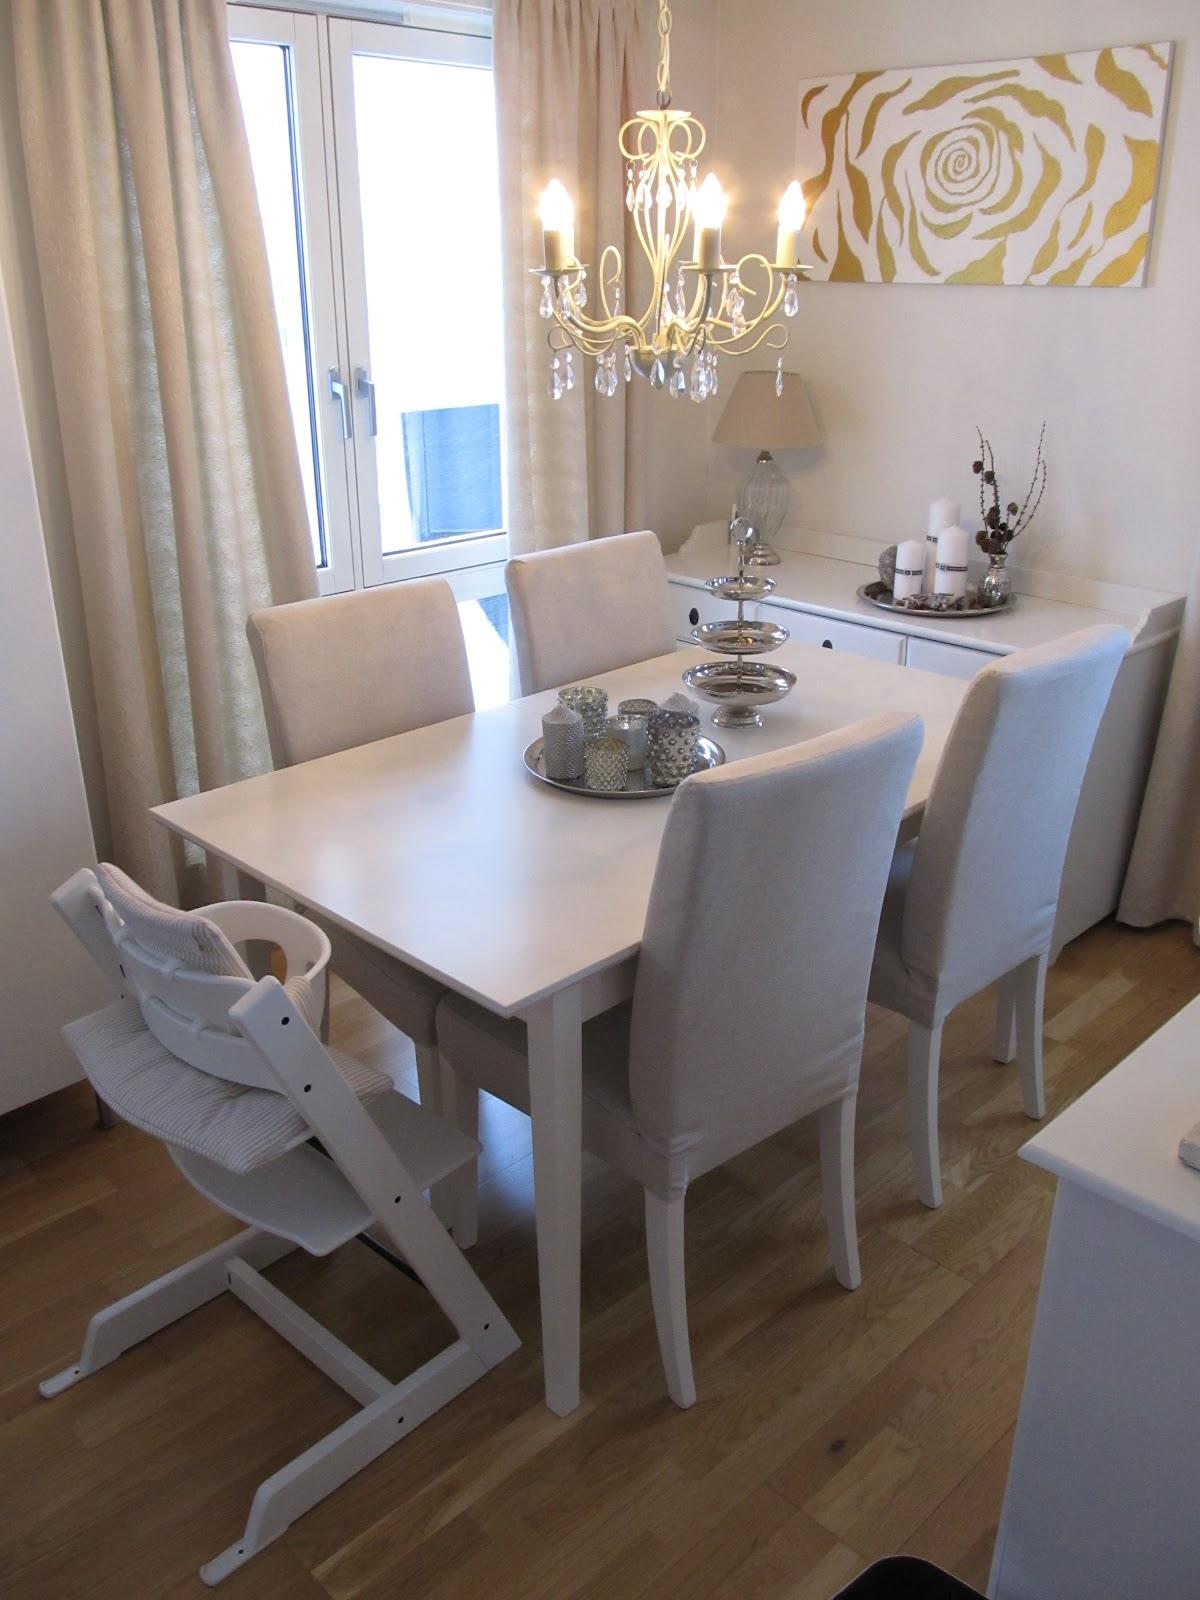 villa greve ny spisestue. Black Bedroom Furniture Sets. Home Design Ideas